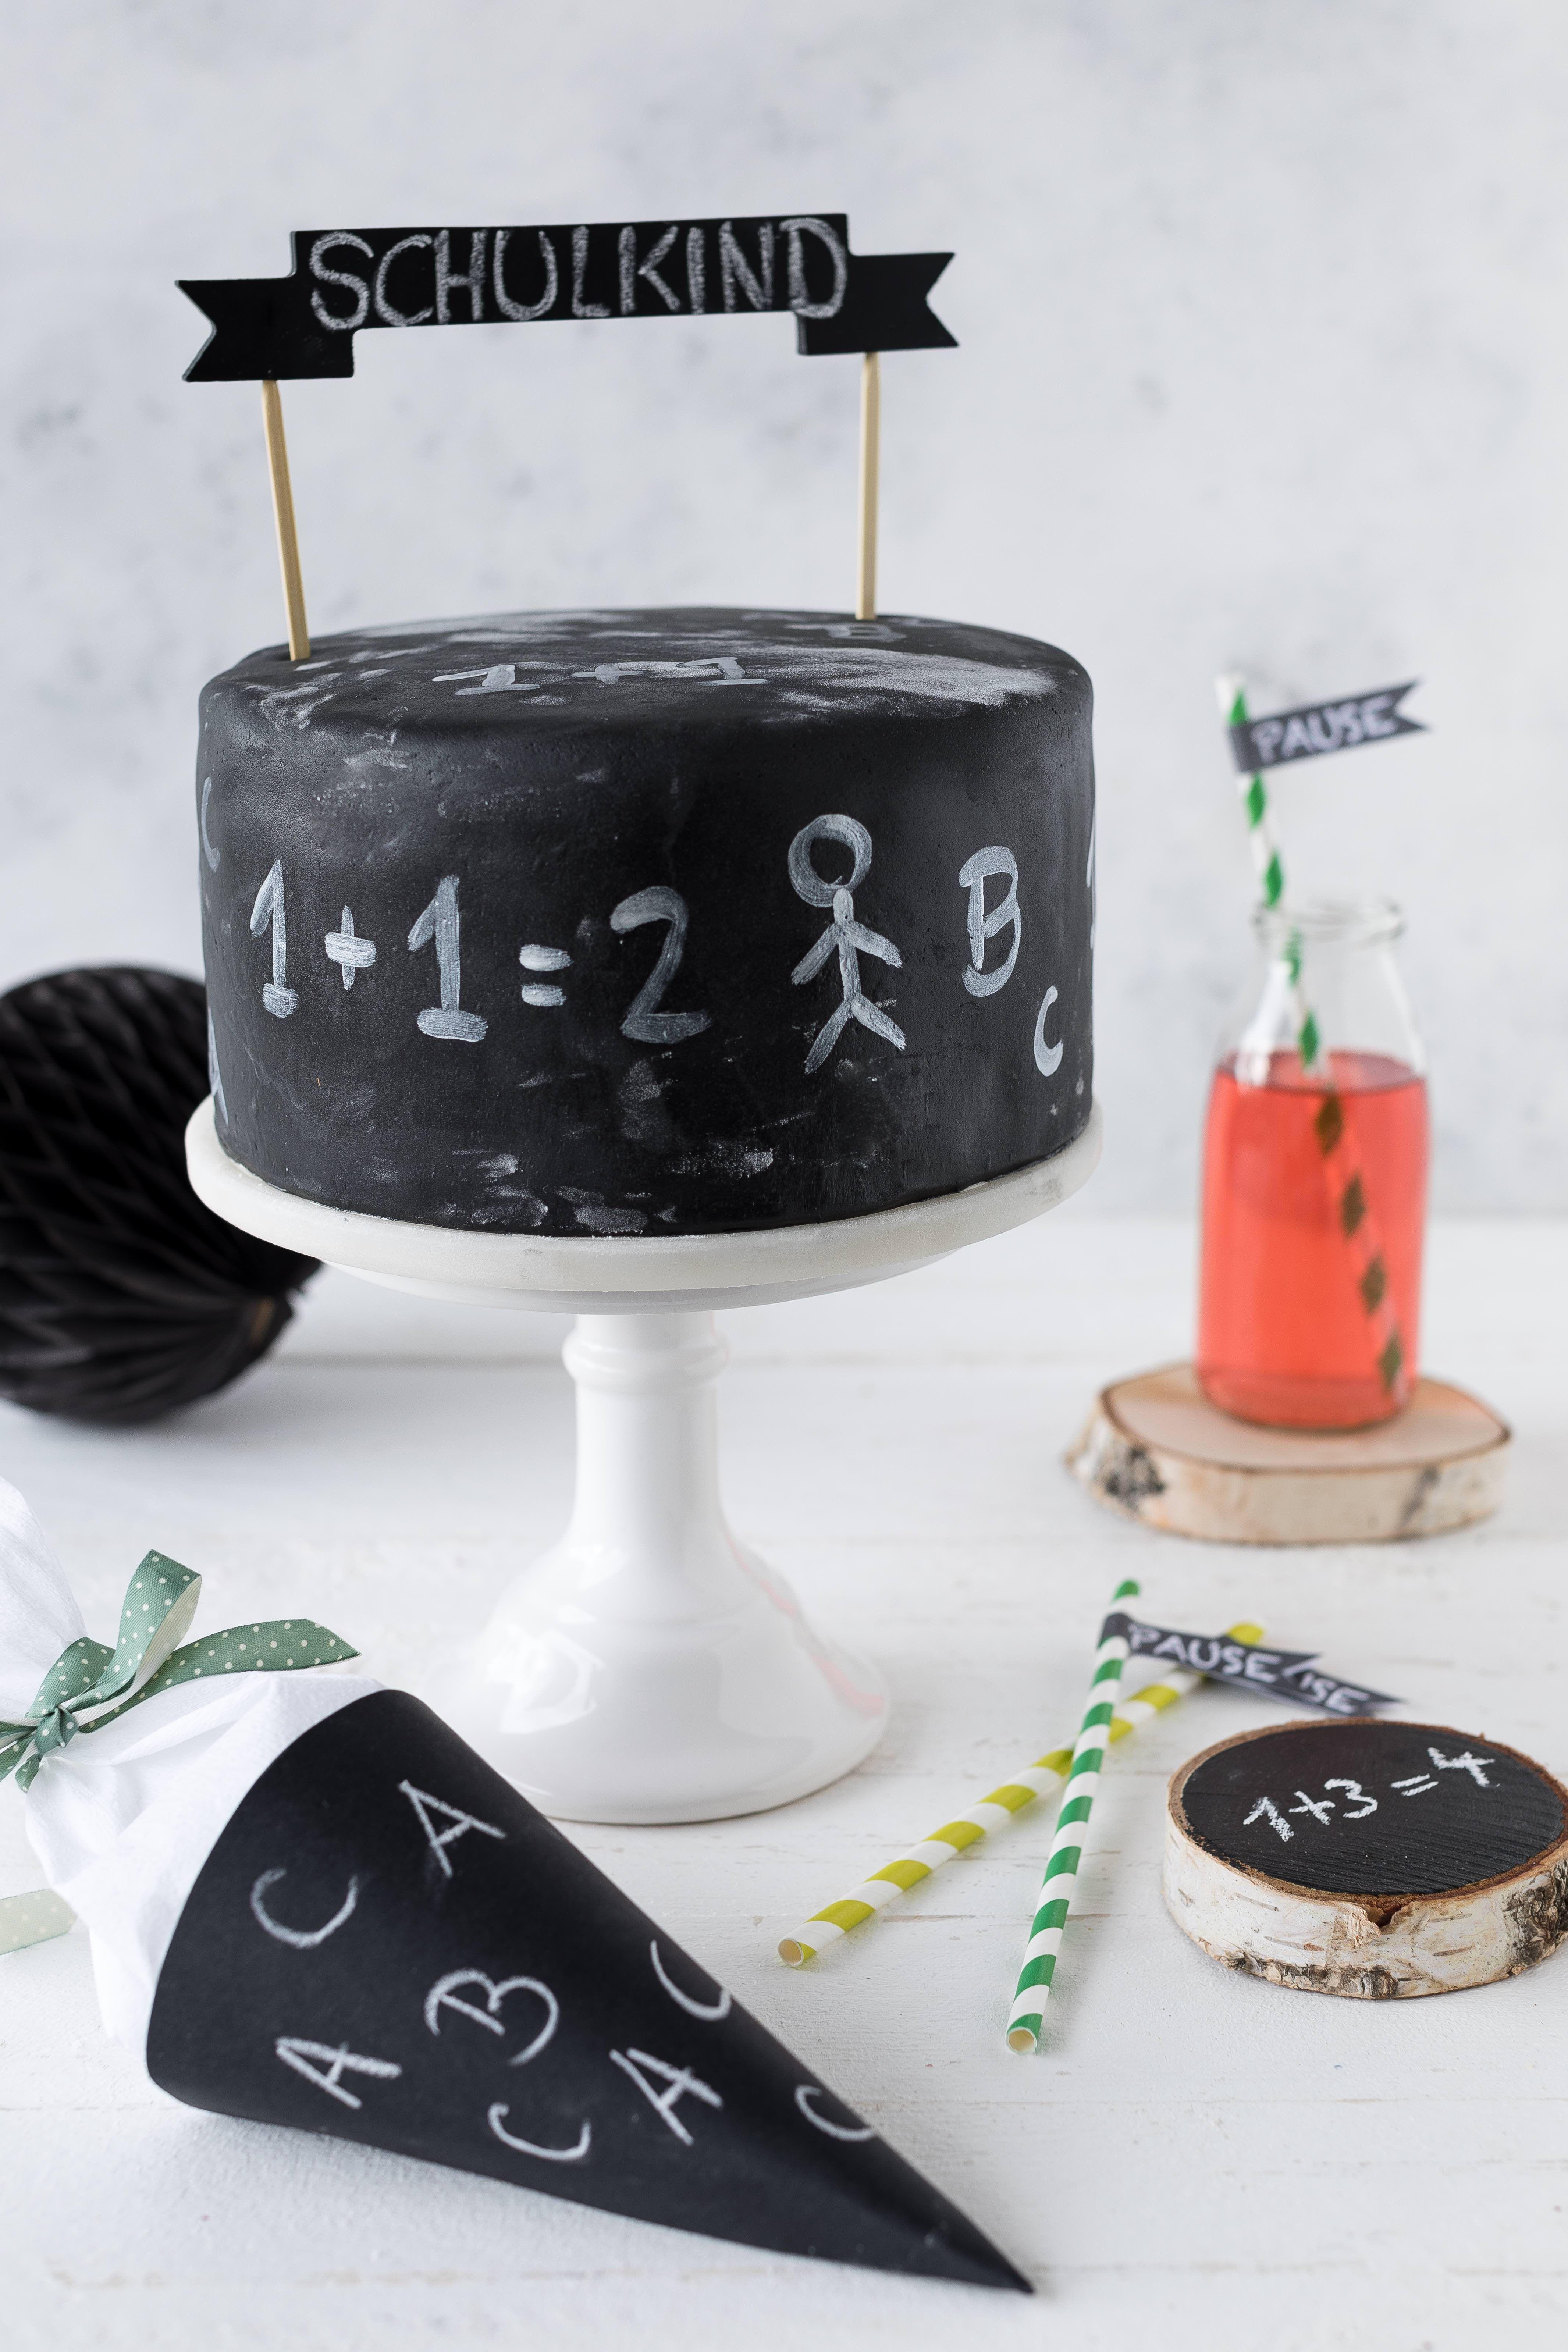 Chalkboard Torte Zur Einschulung Backen Die Torte In Tafeloptik Passt Wunderbar Zum 1 Schultag Oder Auch End In 2020 Kuchen Einschulung Torte Einschulung Schulkuchen